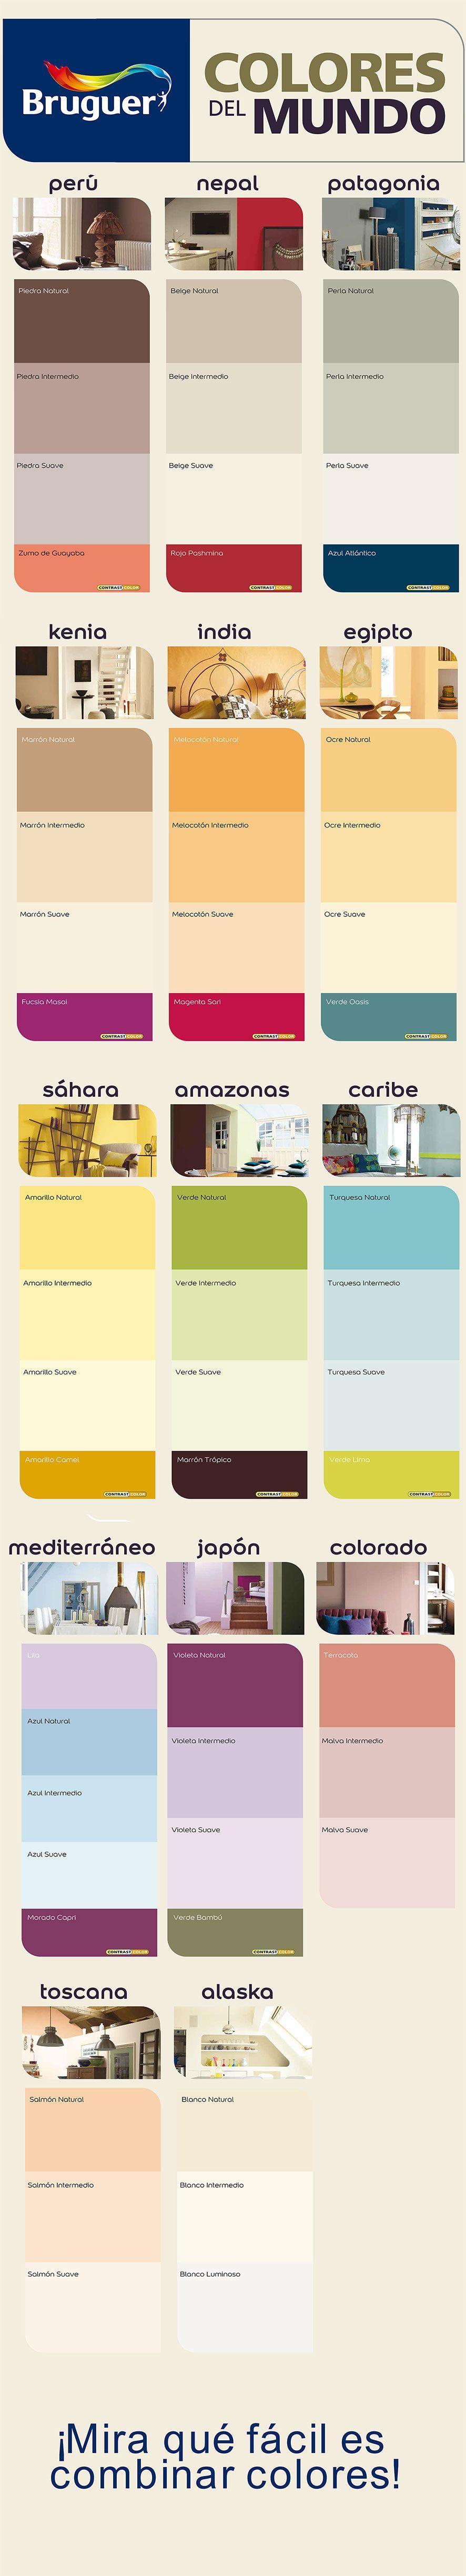 Carta de colores colores del mundo bruguer paleta de colores pinterest colores carta de - Paleta de colores para paredes ...